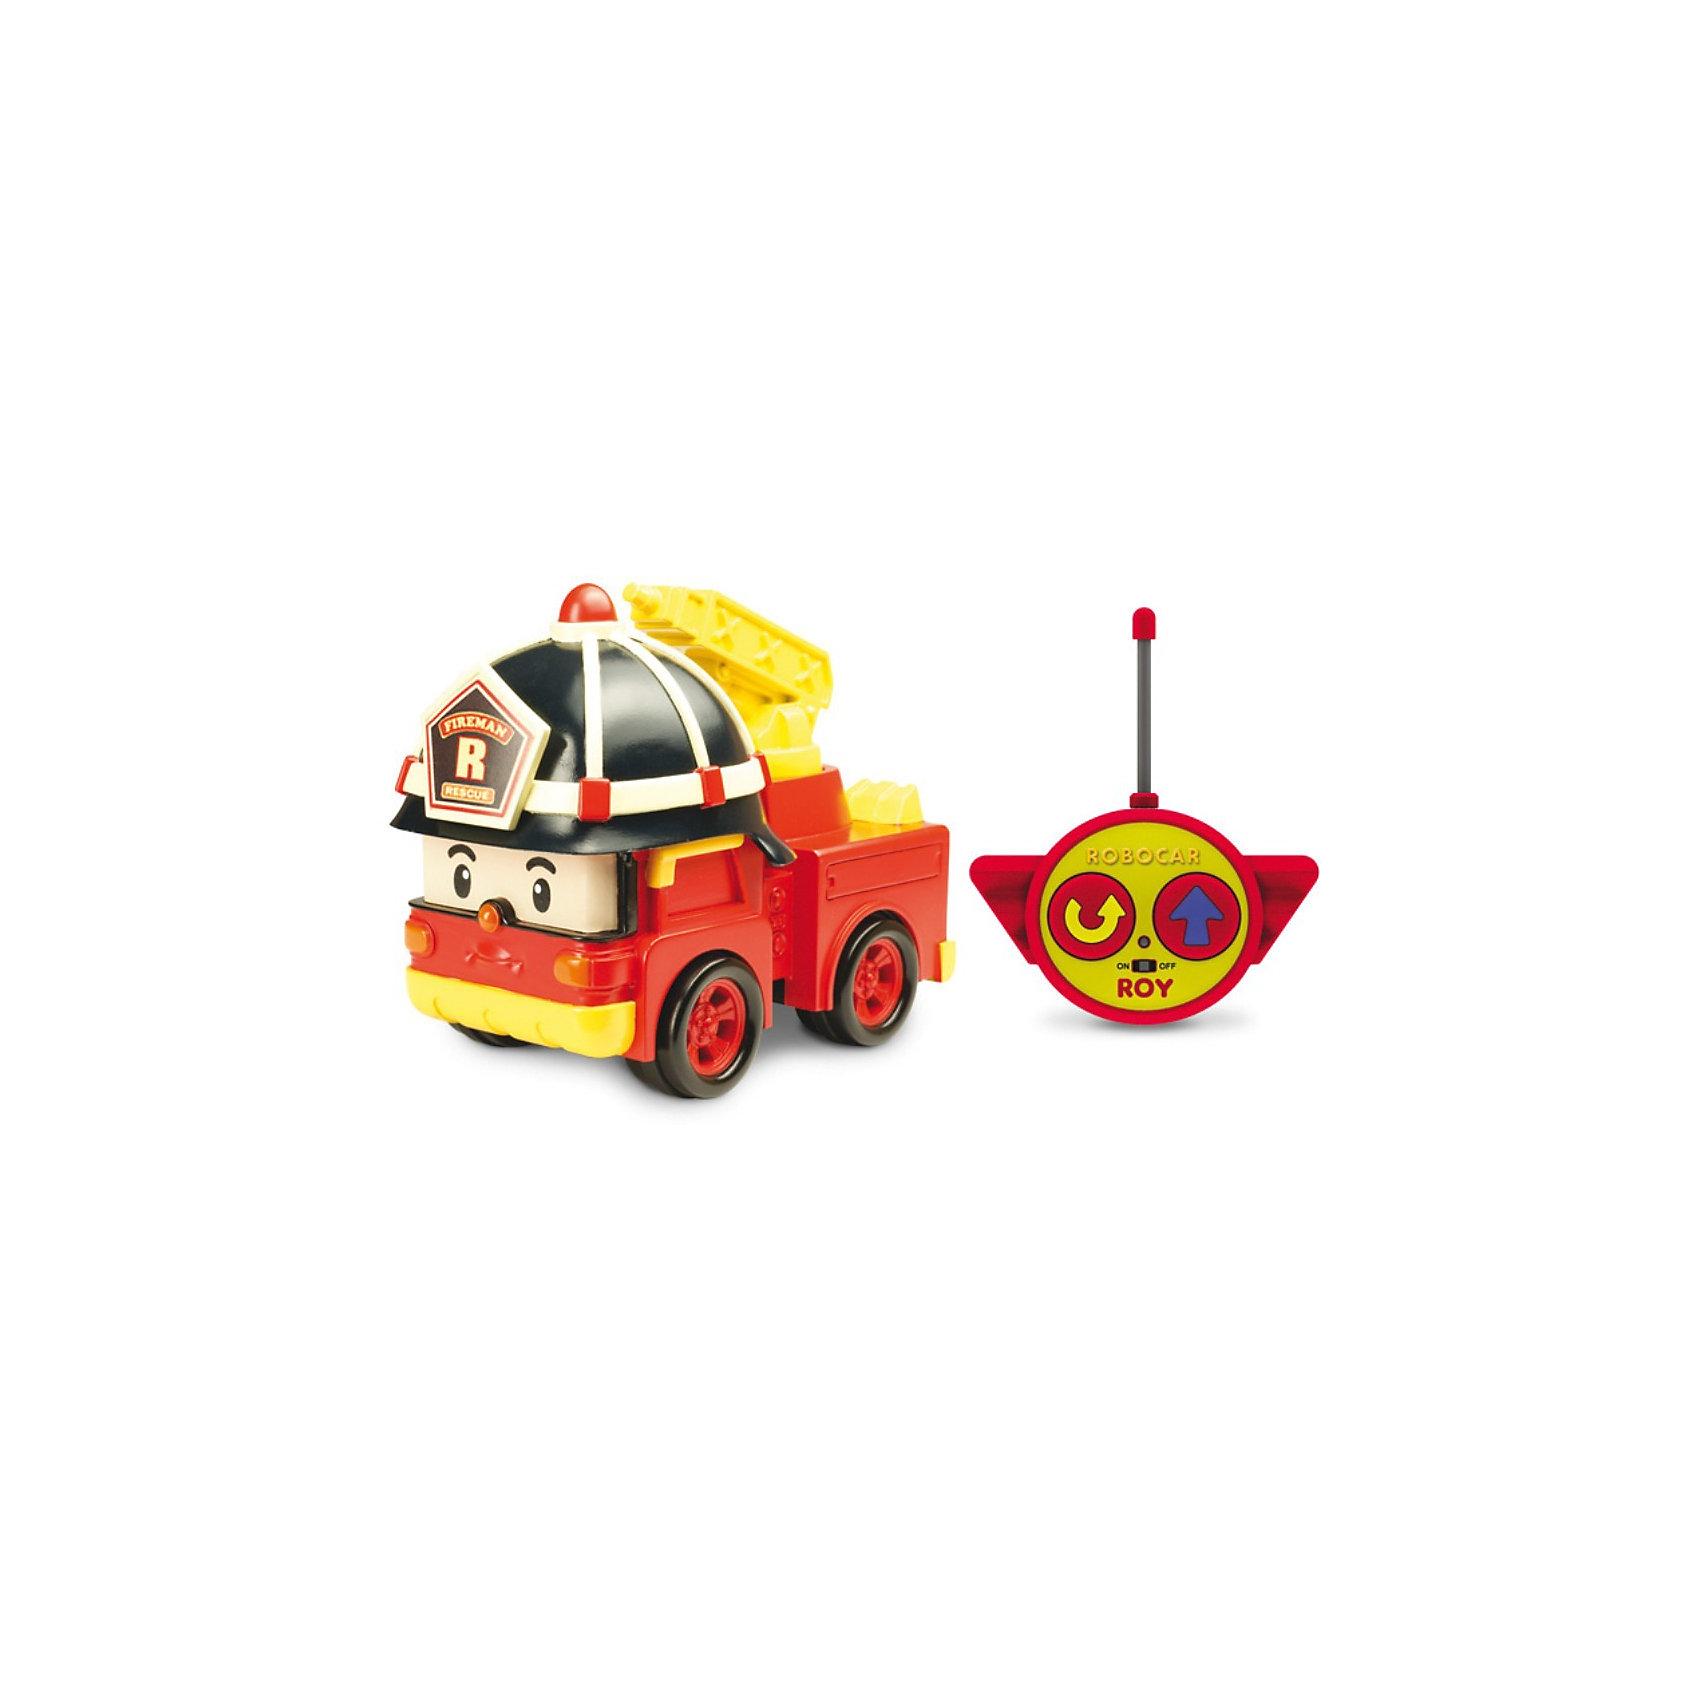 Игрушка Рой на радиоуправлении, 15см, Робокар ПолиМашинки и транспорт для малышей<br>Игрушка Рой на радиоуправлении, 15см, Робокар Поли (Robocar Poli) - радиоуправляемая машинка-спасатель, пожарная машина-робот Рой из полюбившегося мультсериала «Робокар Полли и его друзья» . <br>Рой живет в удивительном городке Брумстаун, где все машинки умеют говорить! <br>Рой необыкновенно добрый малый  и как только слышит сигнал о пожаре, готов в любую минуту броситься на помощь попавшему в беду жителю города!<br>Сюжетно-ролевые игры с использованием радиоуправляемых машинок от компании Silverlit способствуют развитию воображения и пространственного мышления, мелкой моторики рук вашего ребенка, формируют грамотную речь.<br><br>Дополнительная информация:<br><br>- высота игрушки 15 см<br>- размер упаковки: 0,26х0,14х0,15м<br>- вес: 0,5 кг.<br>- машина-спасатель приводится в движение при помощи пульта дистанционного управления с удобными крупными кнопками (вперед и разворот).<br>- пожарный кран у машины подвижный.<br>- комплект: игрушка, пульт дистанционного управления.<br>- тип батареек: 3 х АА, 1 х 9V тип Крона (не входят в комплект).<br>- игрушка выполнена из высококачественного пластика. <br><br>Игрушку  Рой на радиоуправлении, 15см, Робокар Поли (Robocar Poli) можно купить в нашем магазине.<br><br>Ширина мм: 260<br>Глубина мм: 150<br>Высота мм: 140<br>Вес г: 500<br>Возраст от месяцев: 36<br>Возраст до месяцев: 84<br>Пол: Мужской<br>Возраст: Детский<br>SKU: 3439337